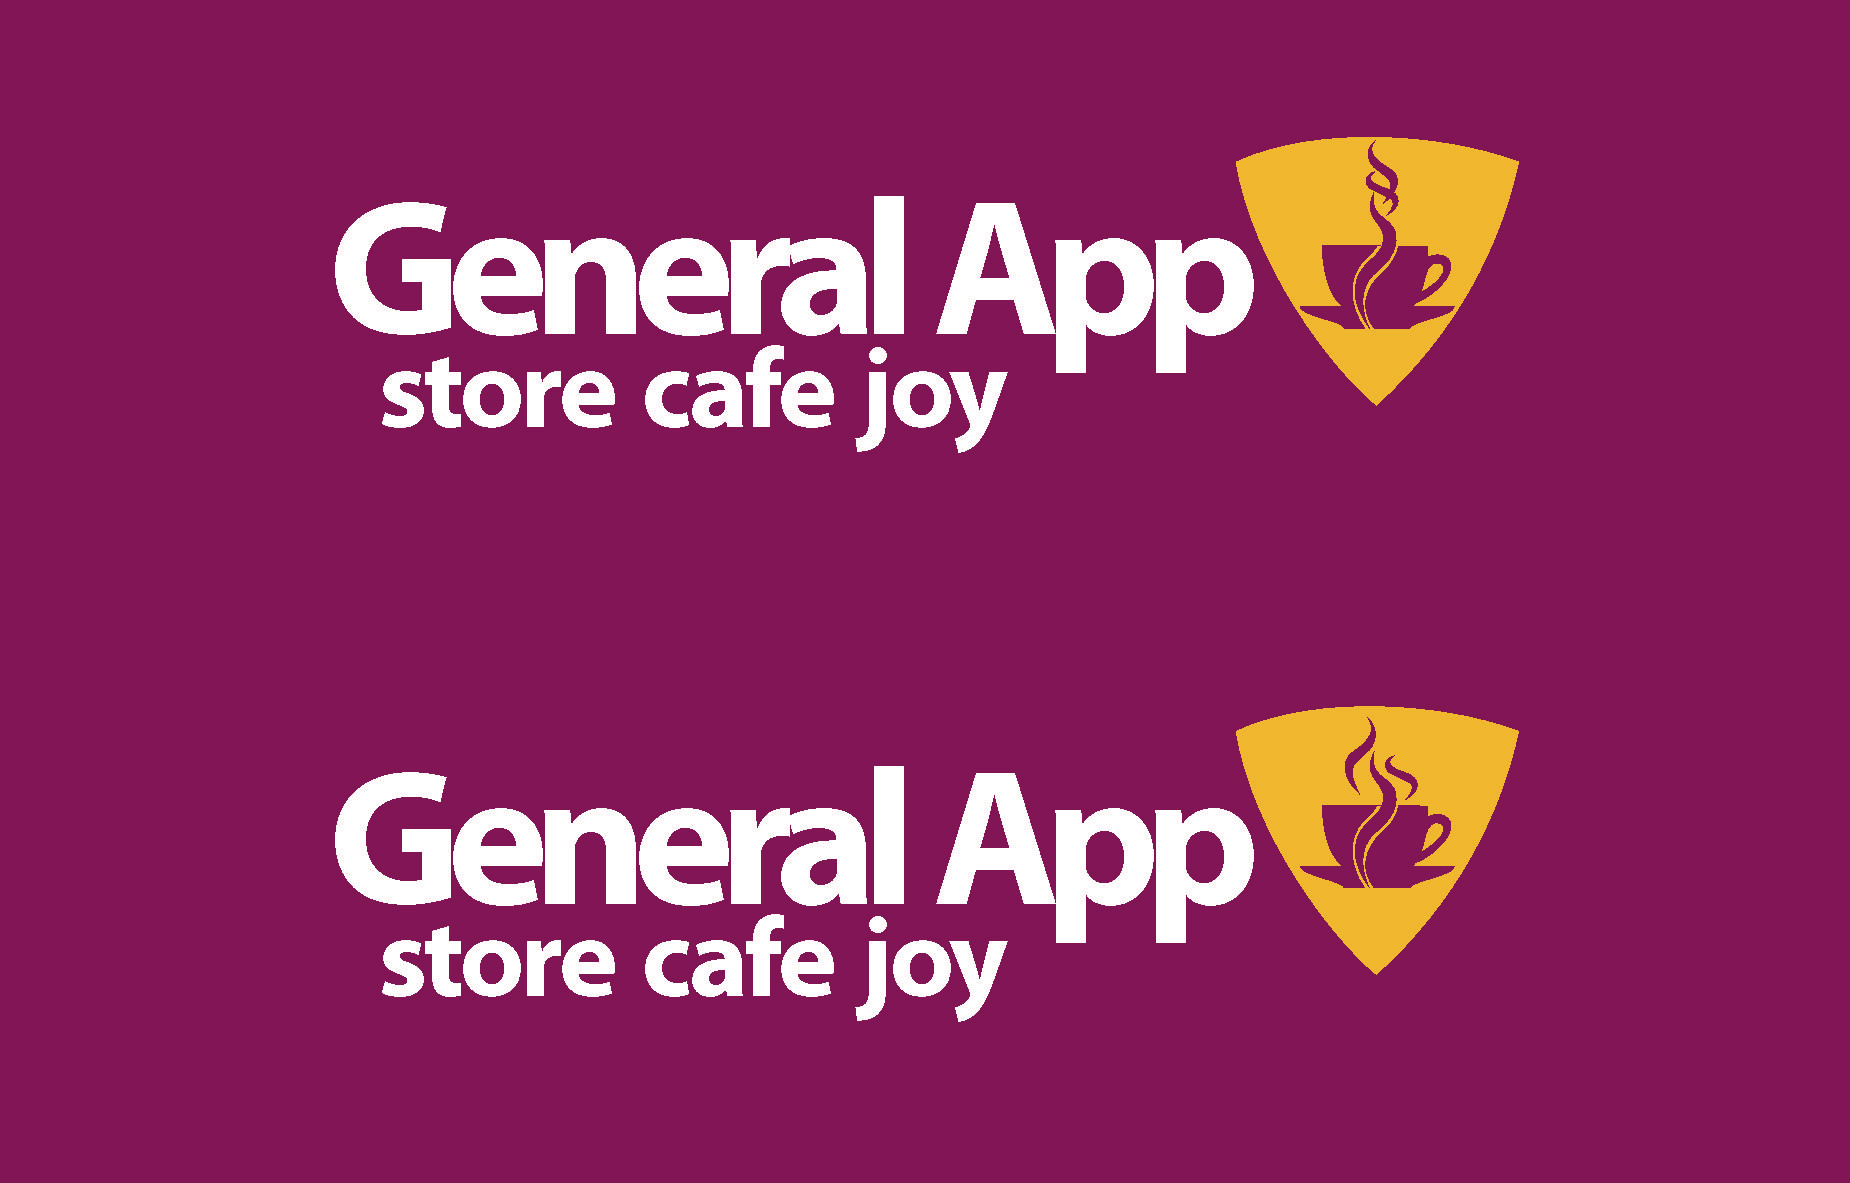 Разработать логотип для магазина/кафе на АЗС фото f_0865a64fdb48be11.jpg